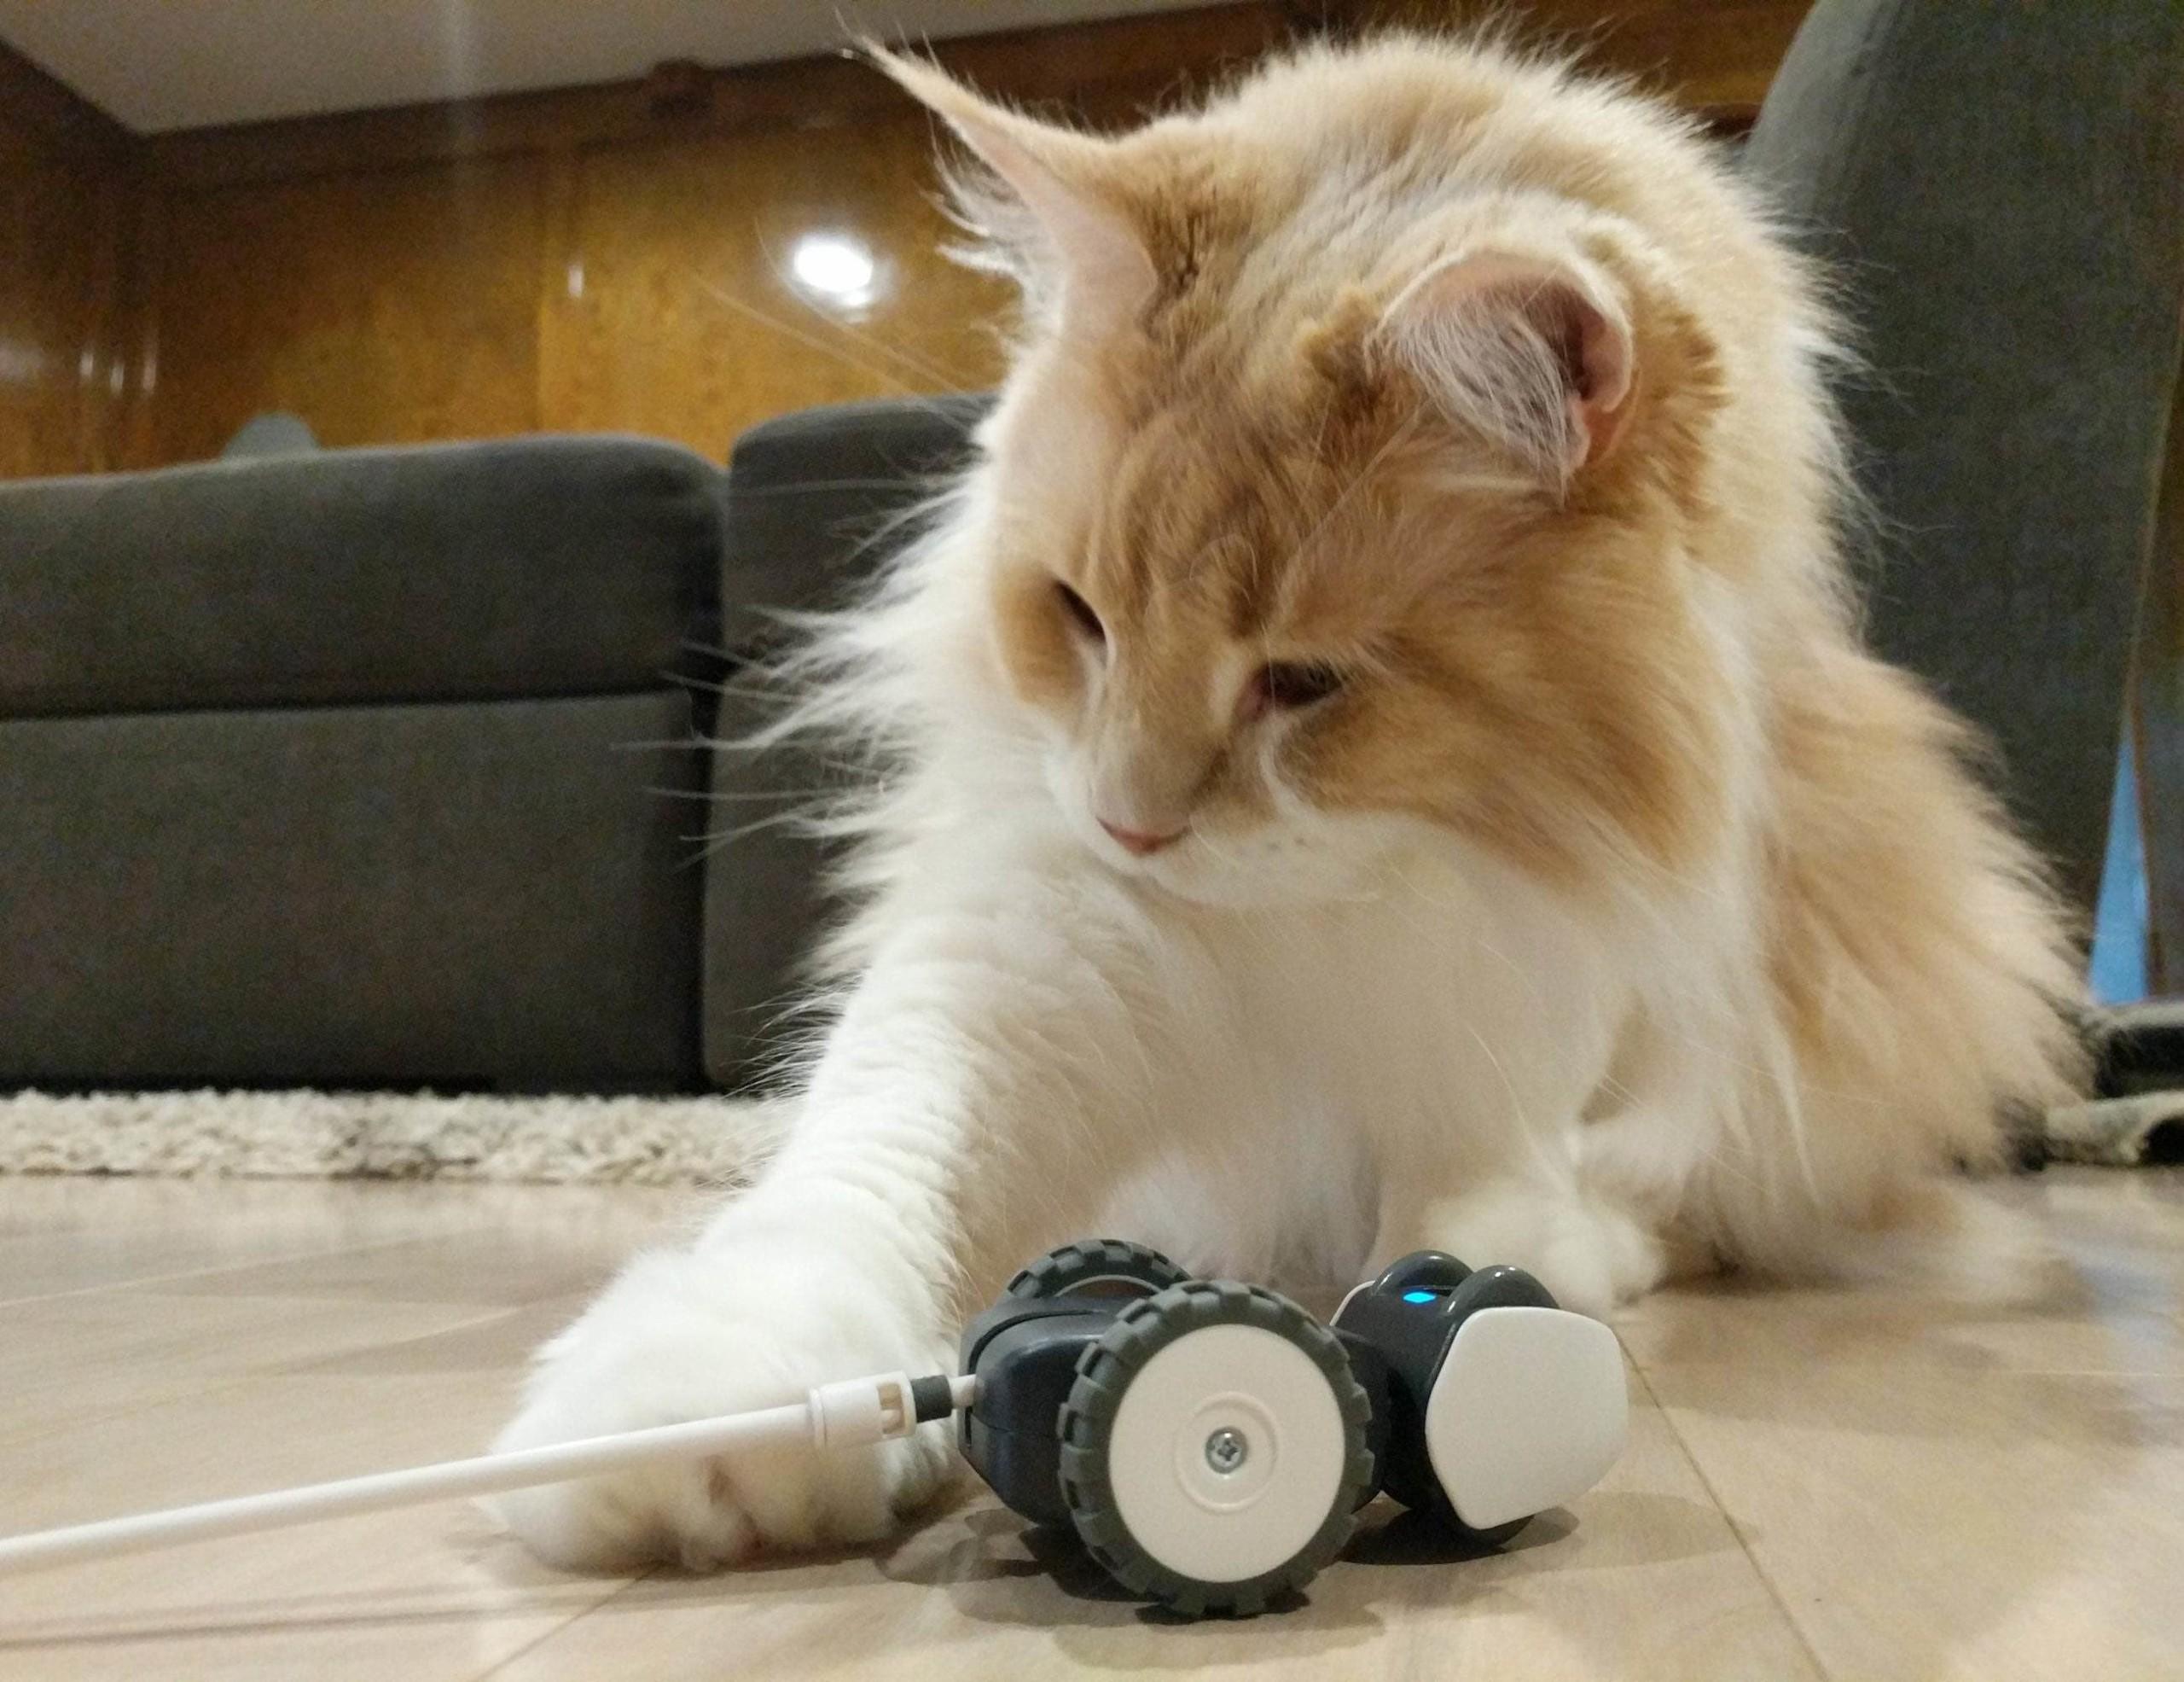 Petronics Mousr Robotic Cat Toy